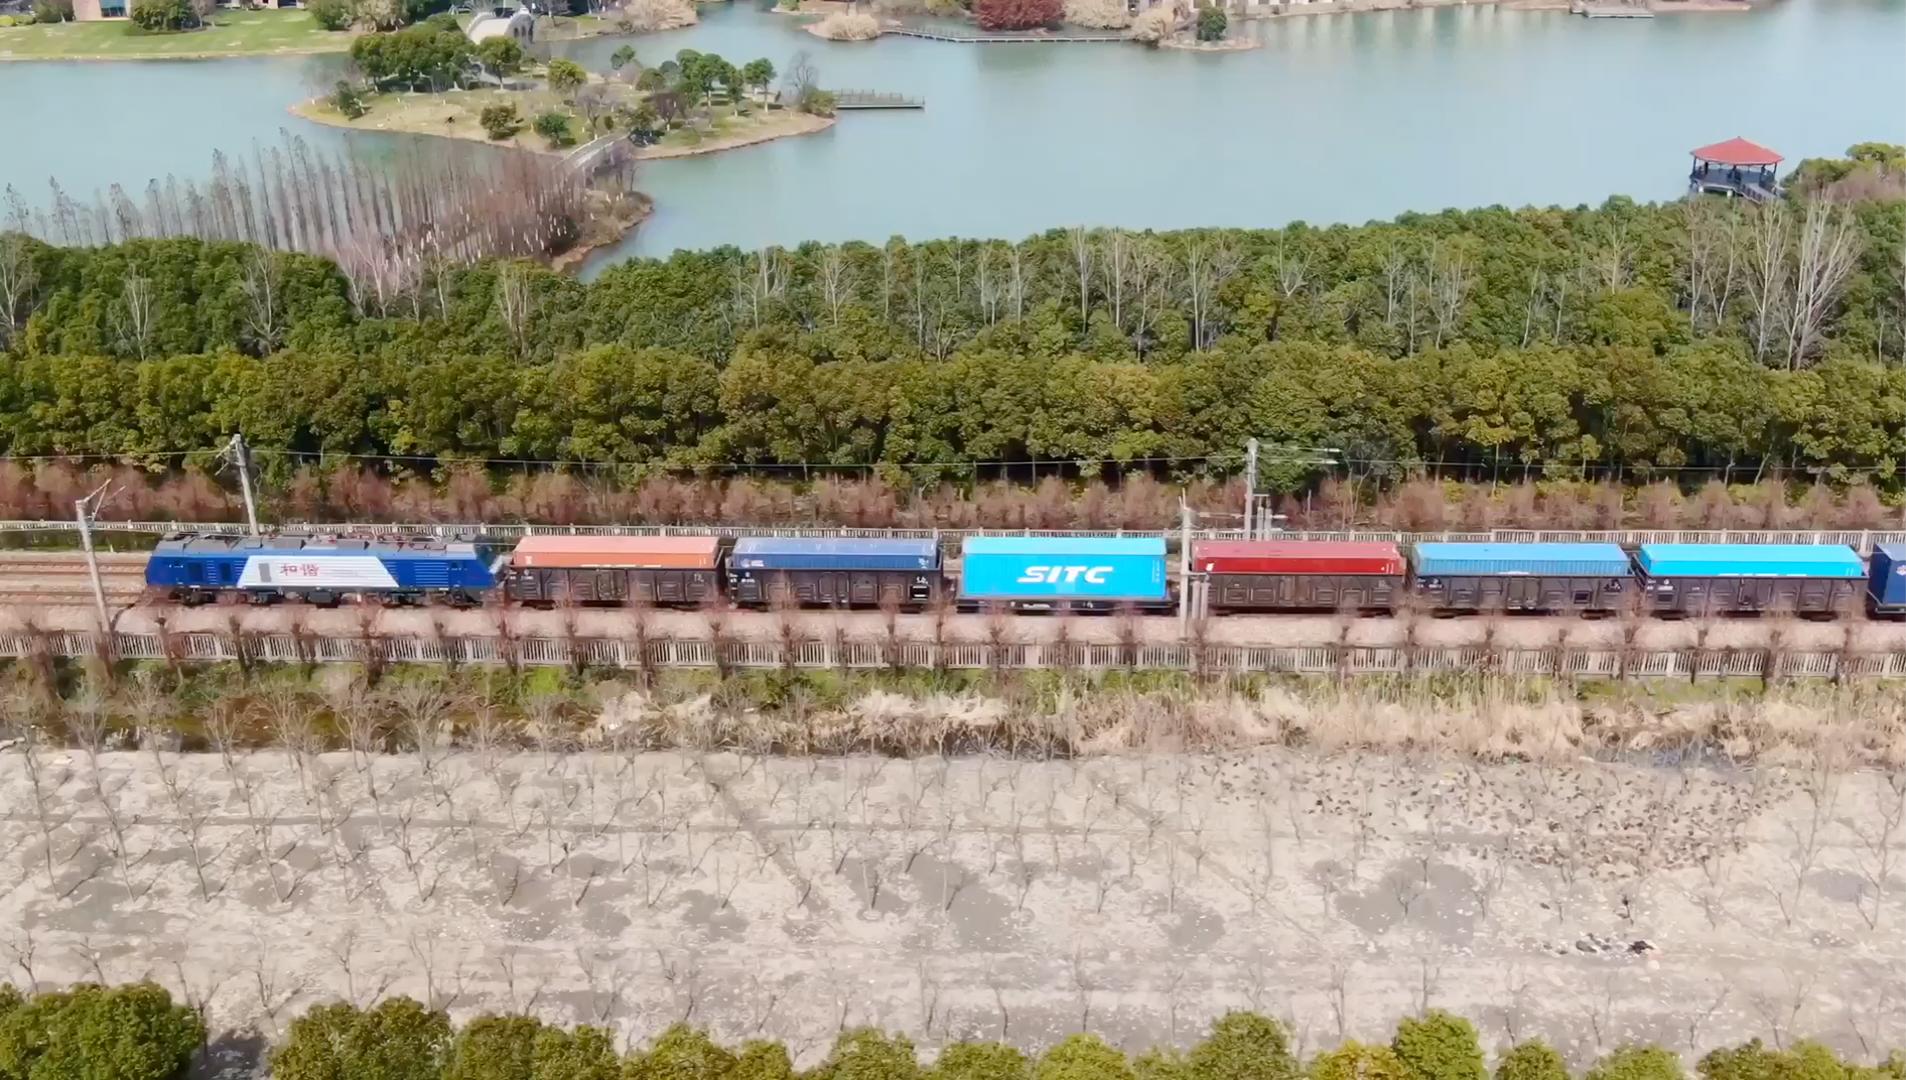 빠른 ddp 물류 서비스 철도화물 express 유럽 독일 벨기에 오스트리아 이탈리아 프랑스 스페인 FBA 아마존